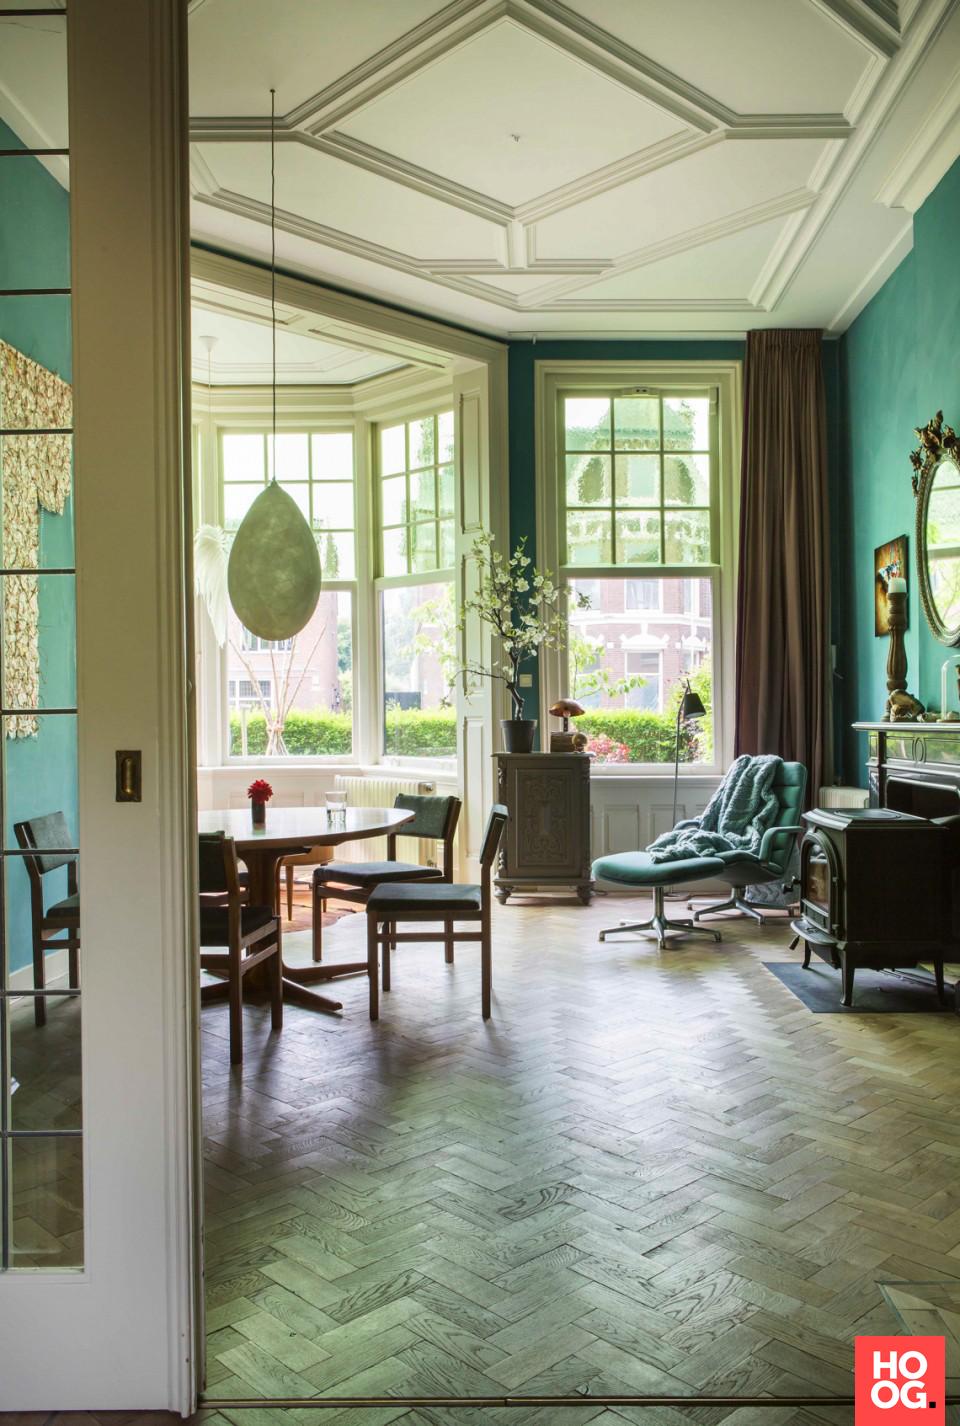 Interieur landelijke wonen | interieur ideeen | woonkamer | living ...